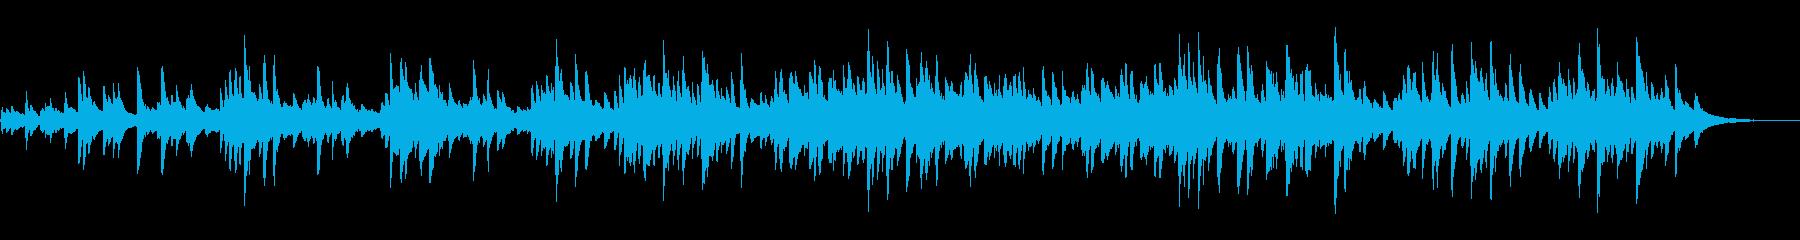 和食動画のBGMに!あの曲の琴カバーの再生済みの波形